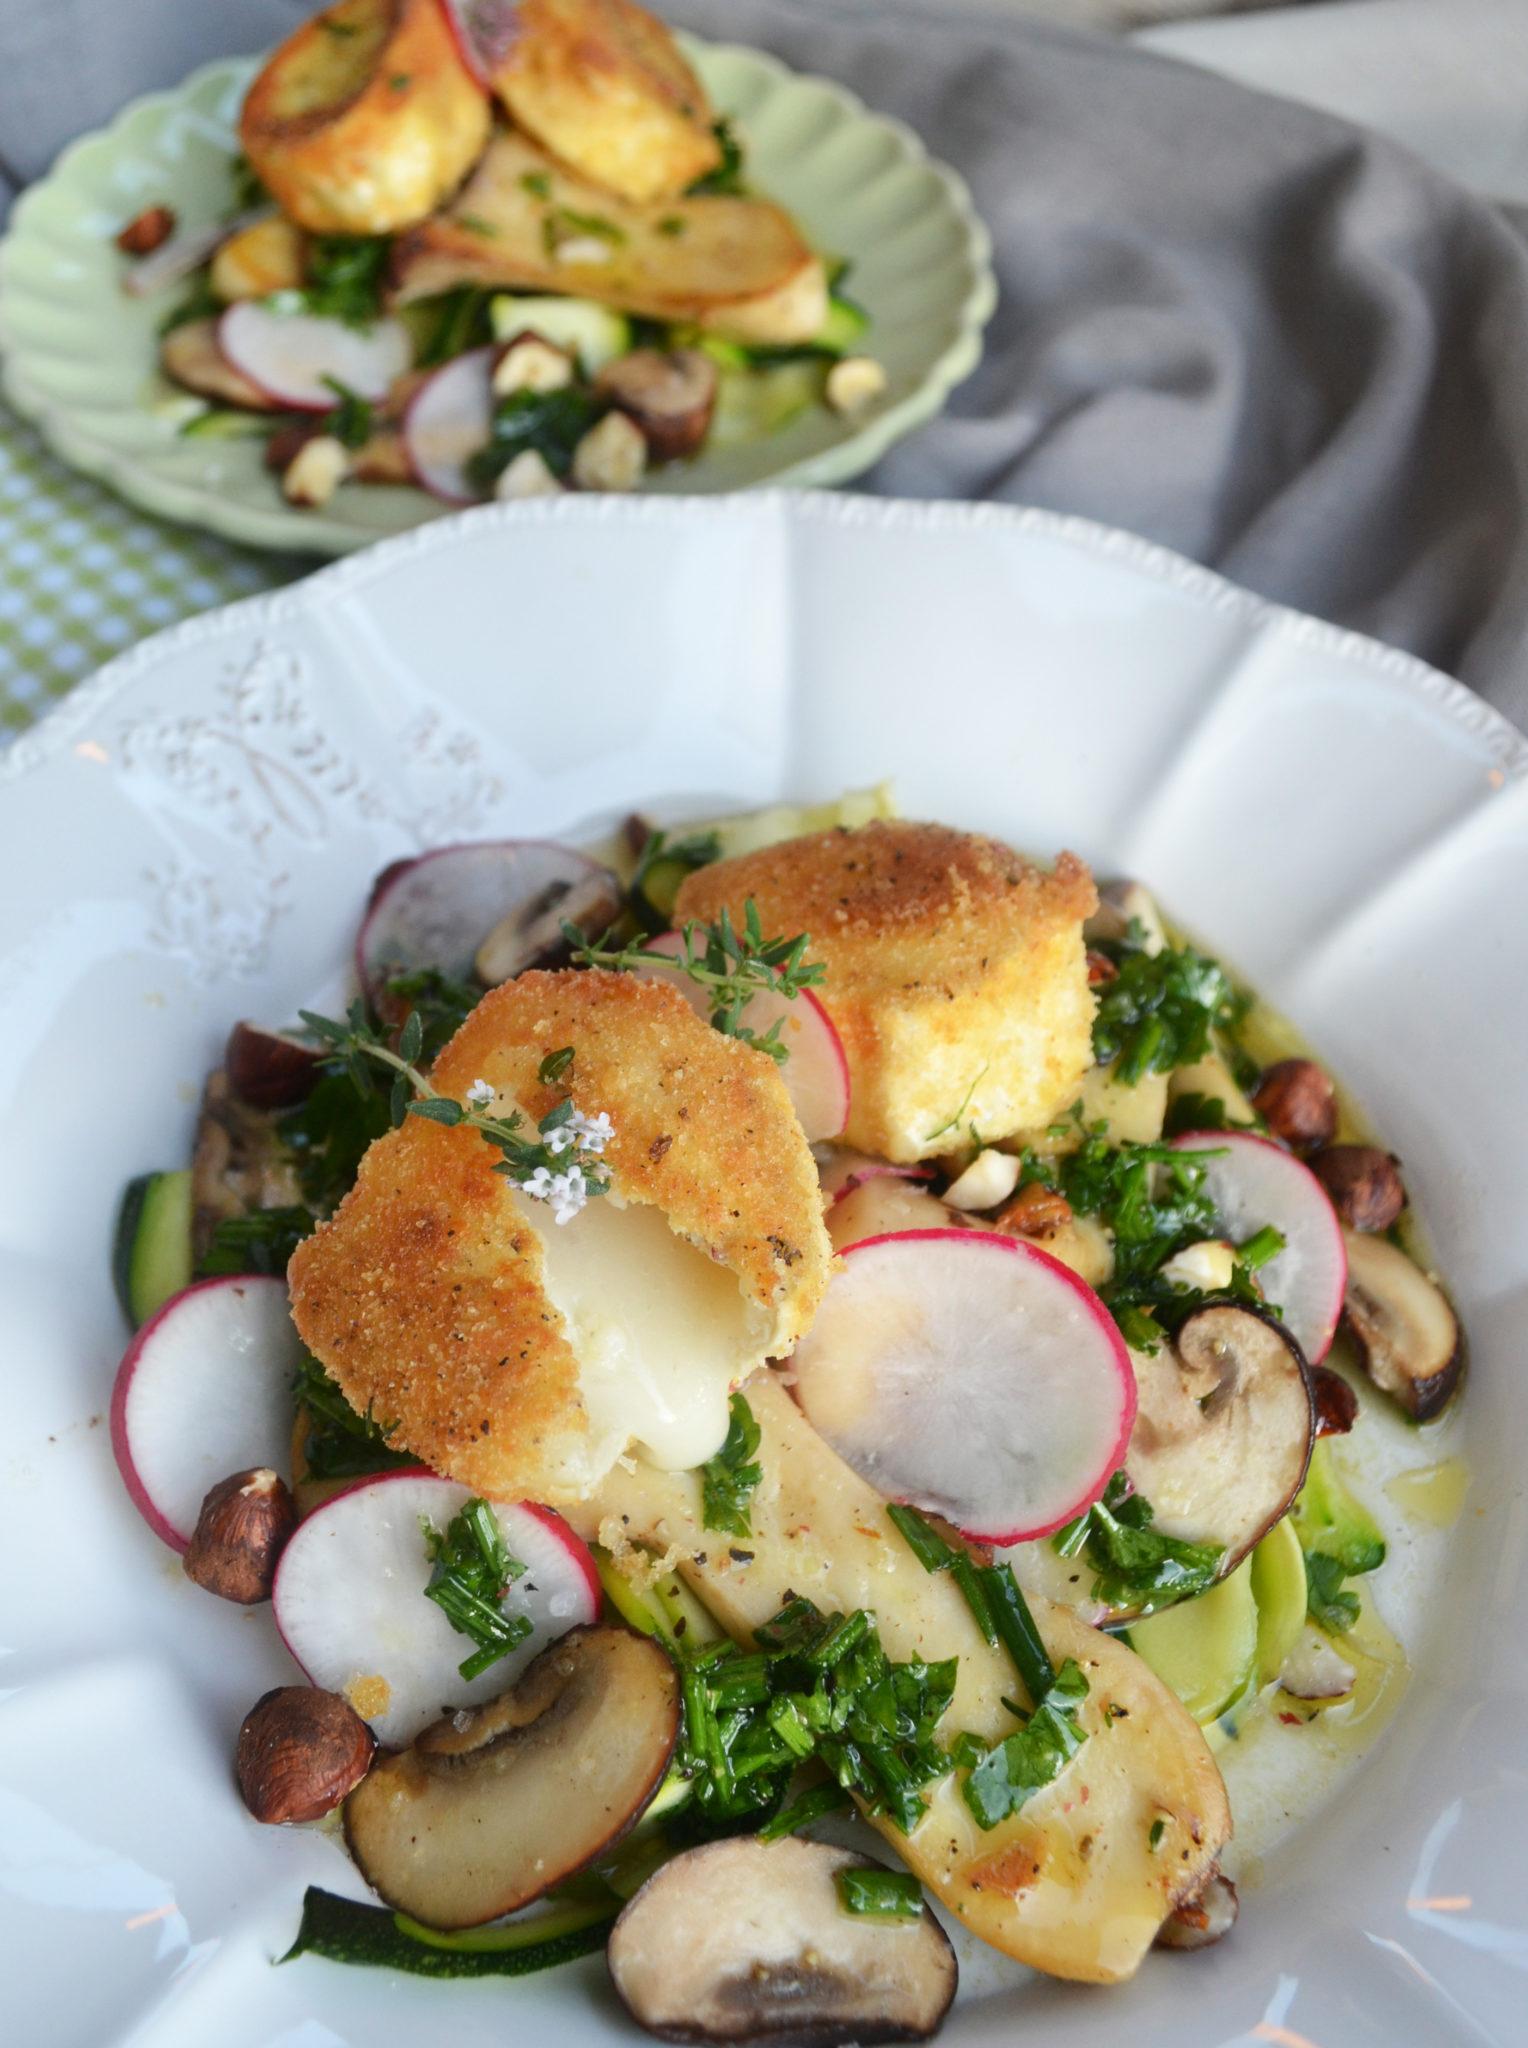 Wahres Käseglück! Gebackener Ziegenkäse auf Zucchini-Pilz-Salat